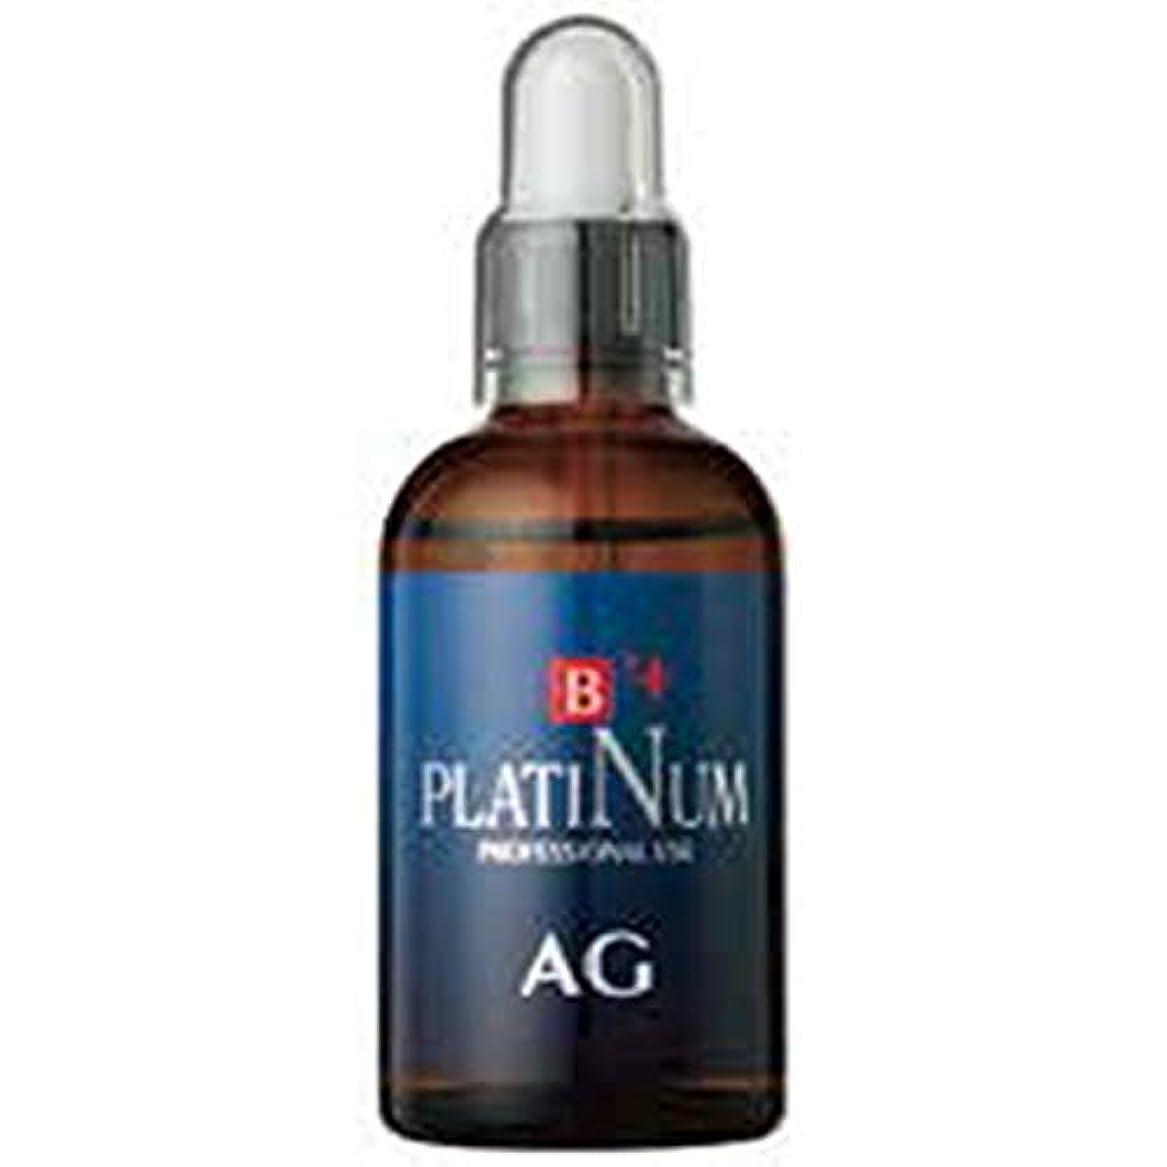 さらに保有者応答【ビューティー プラチナム】 PLATINUM B'+  アルジレリン16%(+シンーエイク配合 高濃度美容液)  リフトアップ専用:100ml